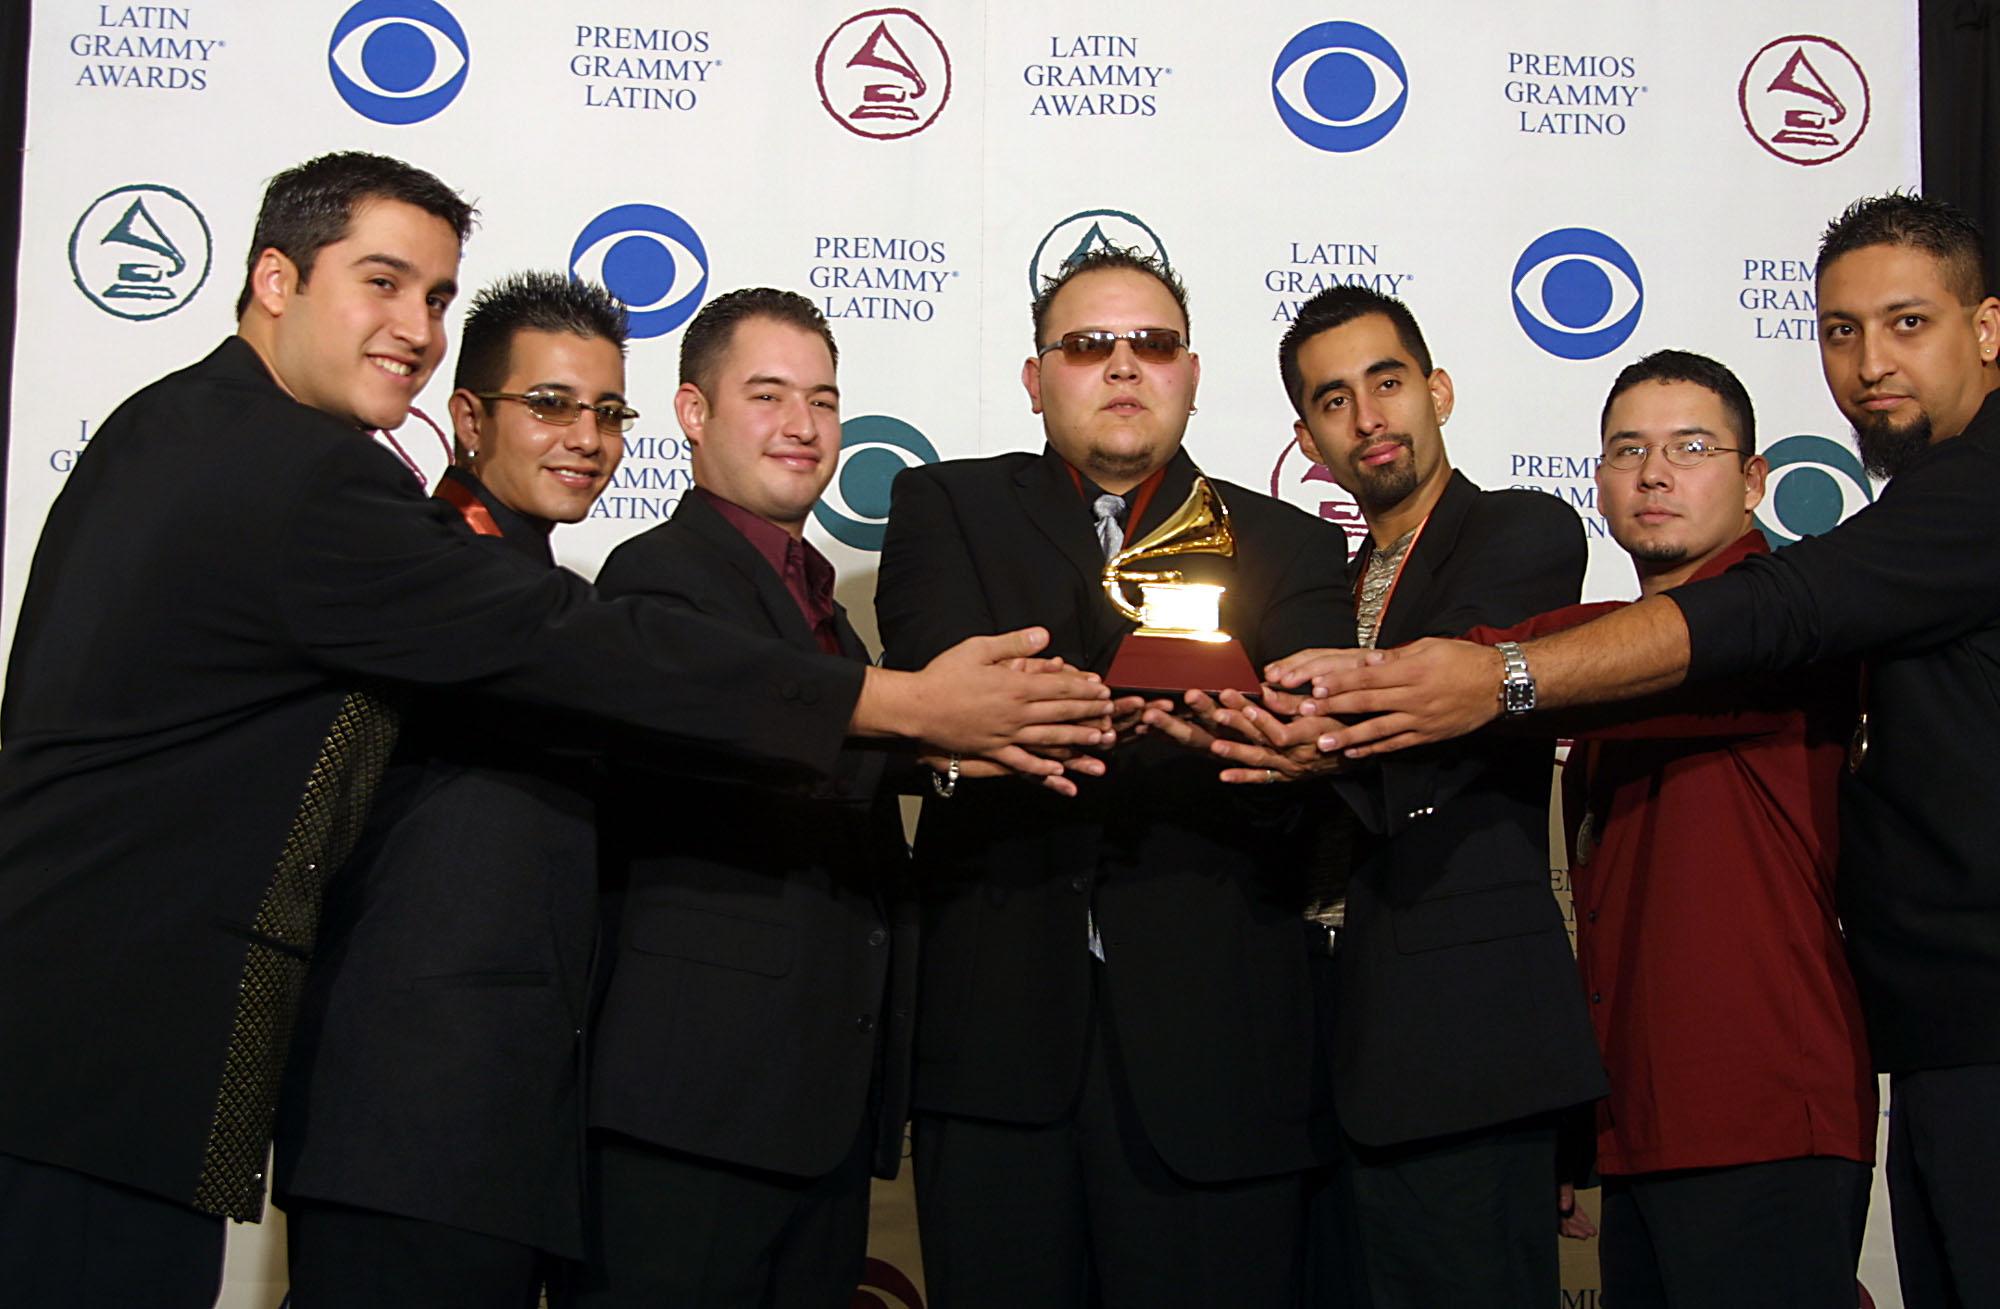 Jimmy Gonzalez Grupo Mazz Latin Grammy